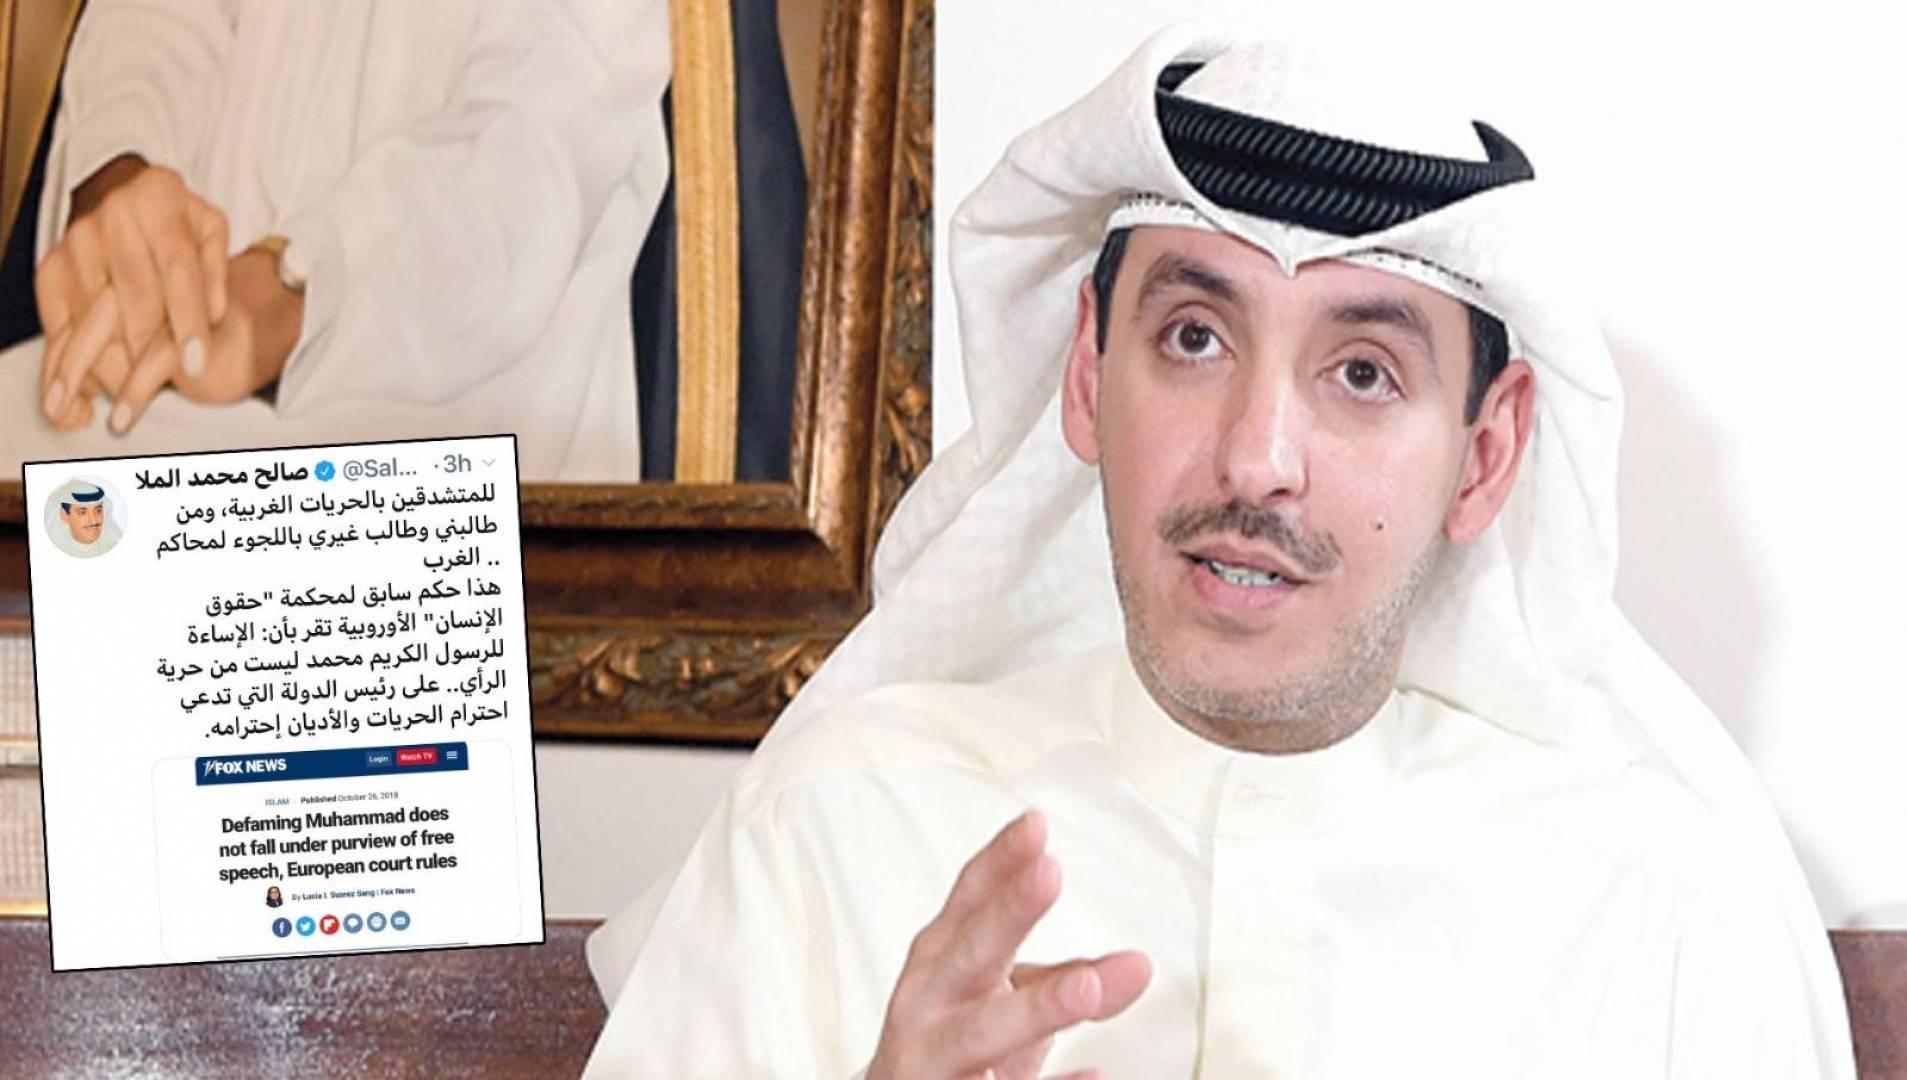 صالح الملا: حكم سابق لمحكمة حقوق الإنسان تقر بأن الإساءة للرسول الكريم ليست من حرية الرأي